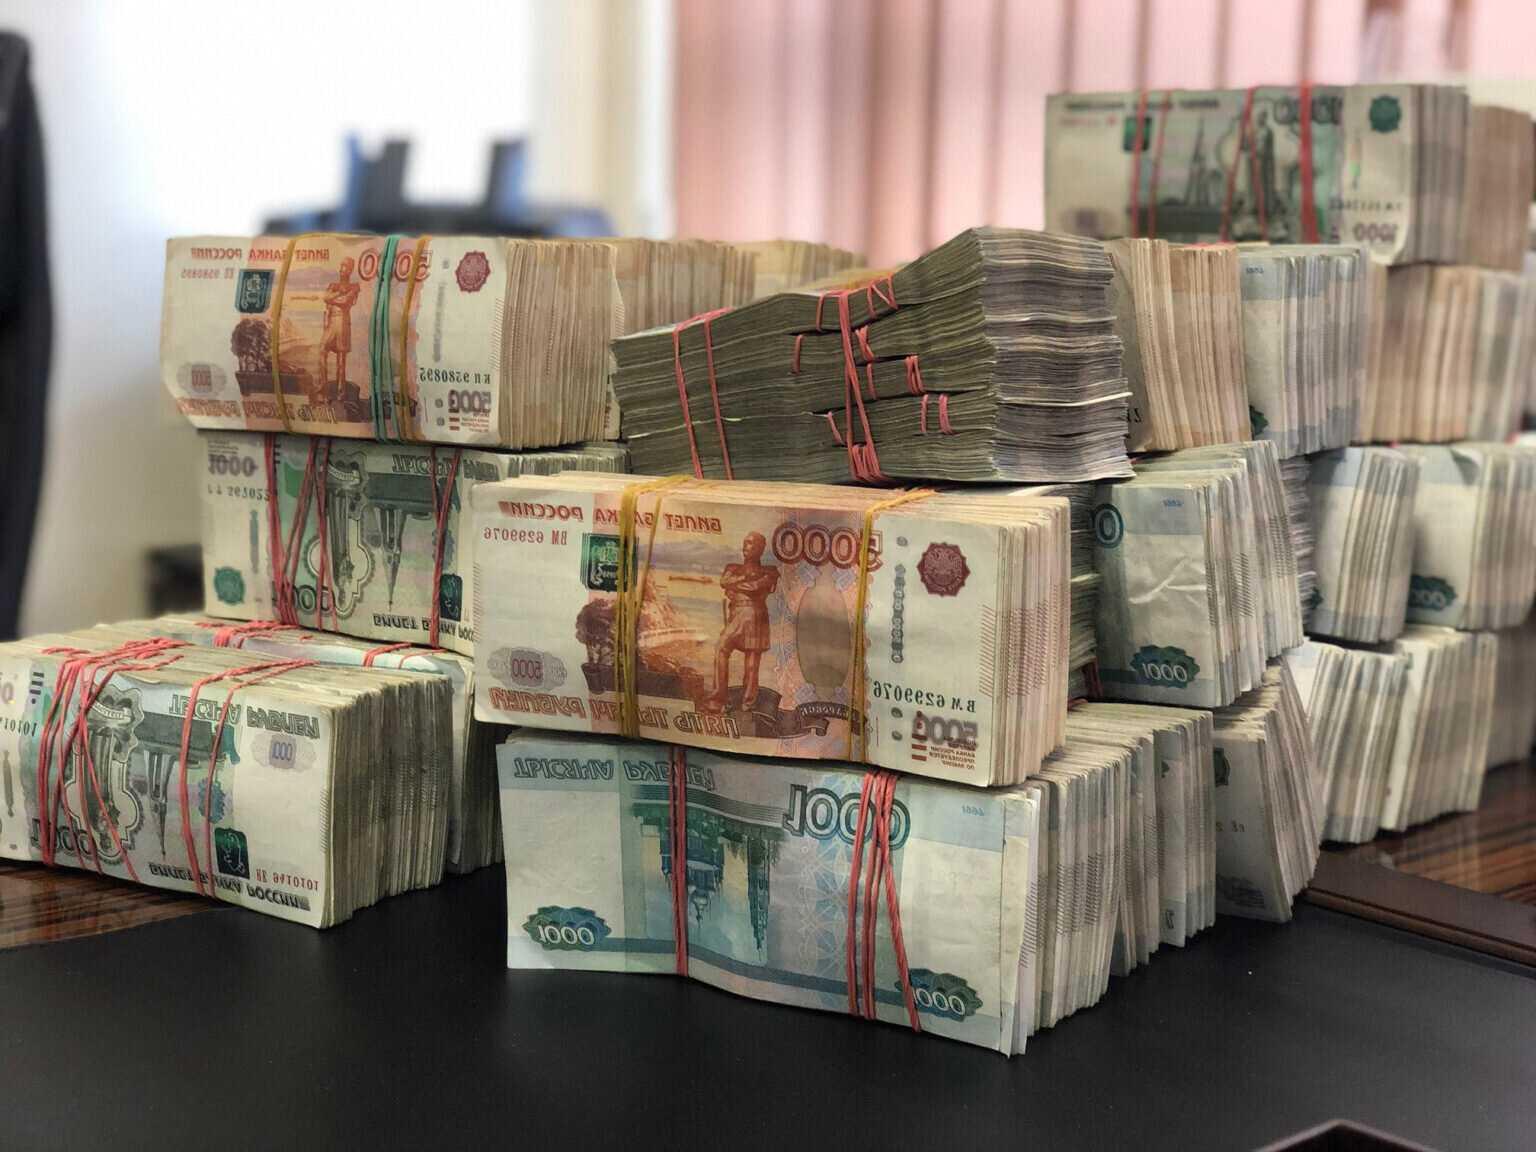 1000000 dollar (USD) i rubel (gnugga) för idag, hur mycket är 1000000 dollar till ryska rubel